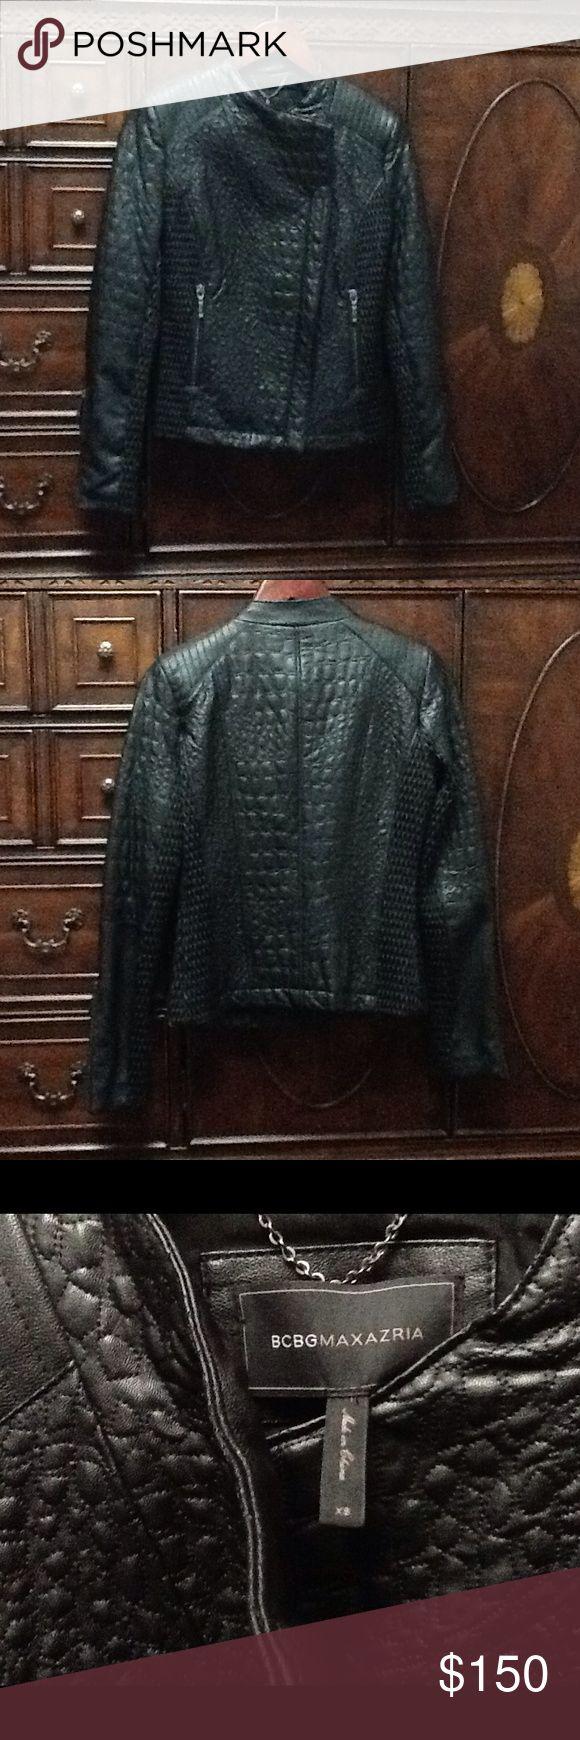 BCBG MAXAZRIA Moto Jacket Faux leather collarless moto jacket with asymmetric closure. BCBGMaxAzria Jackets & Coats